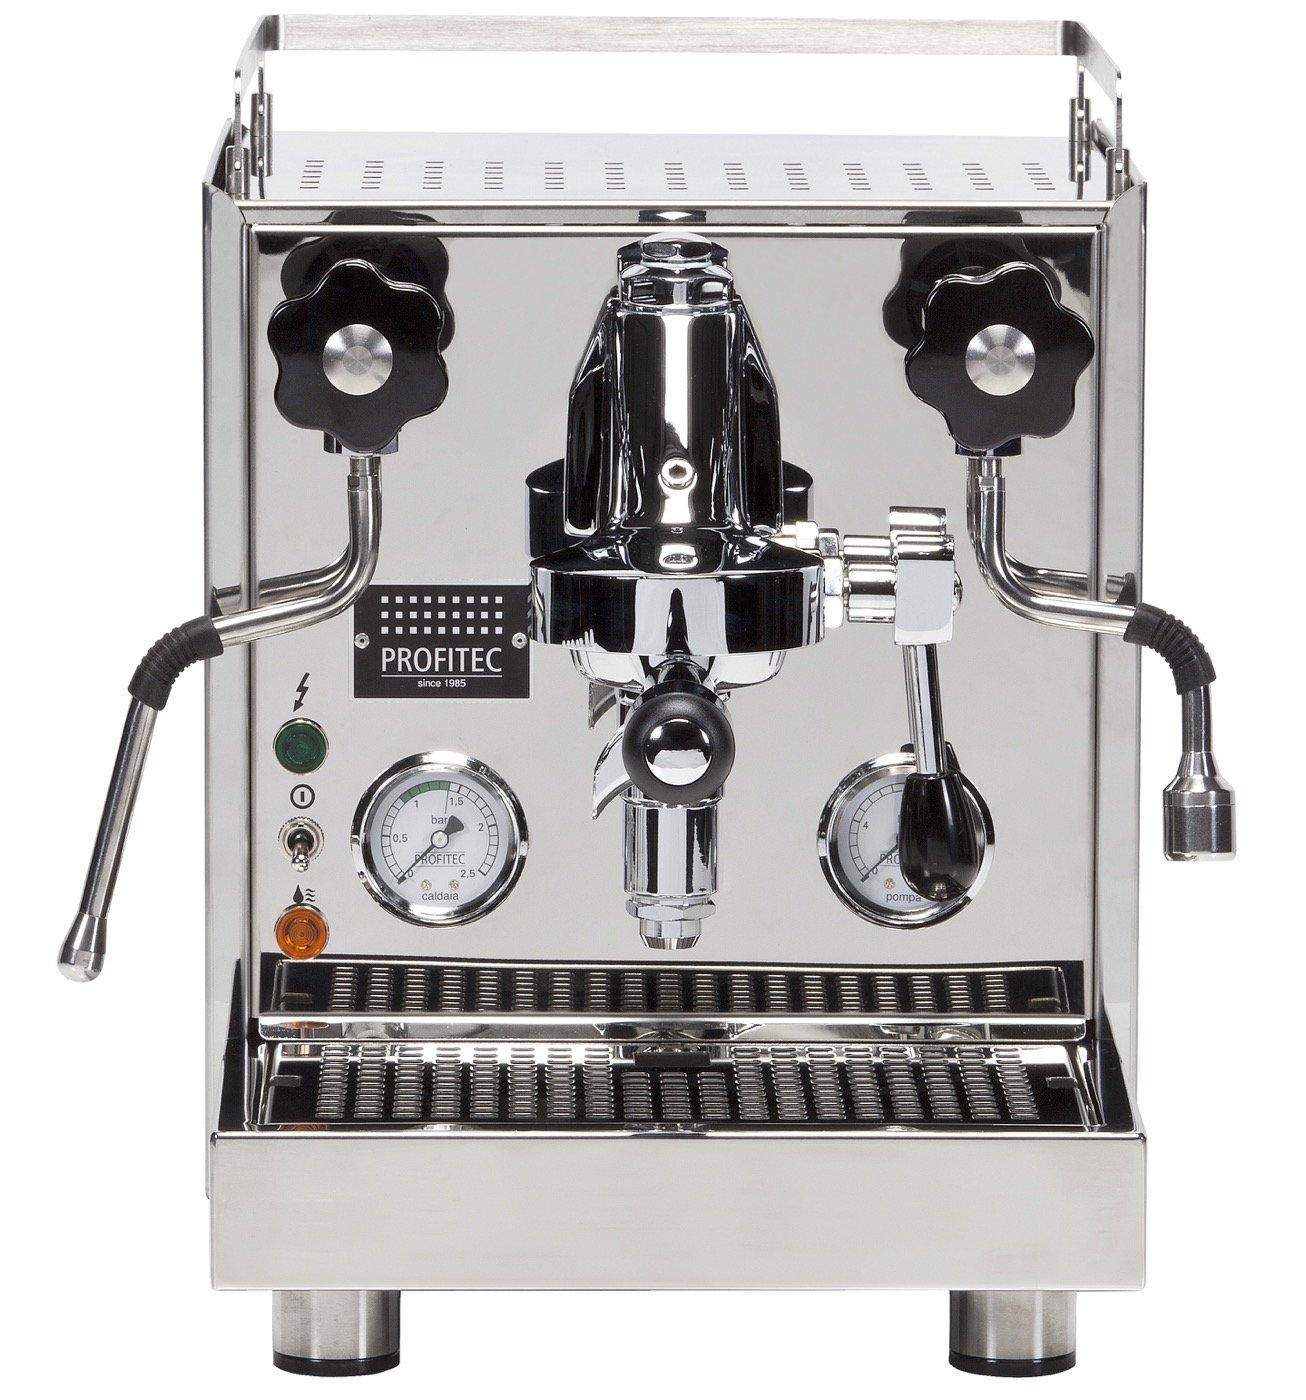 Profitec Pro 500 Espresso Machine by Profitec (Image #2)